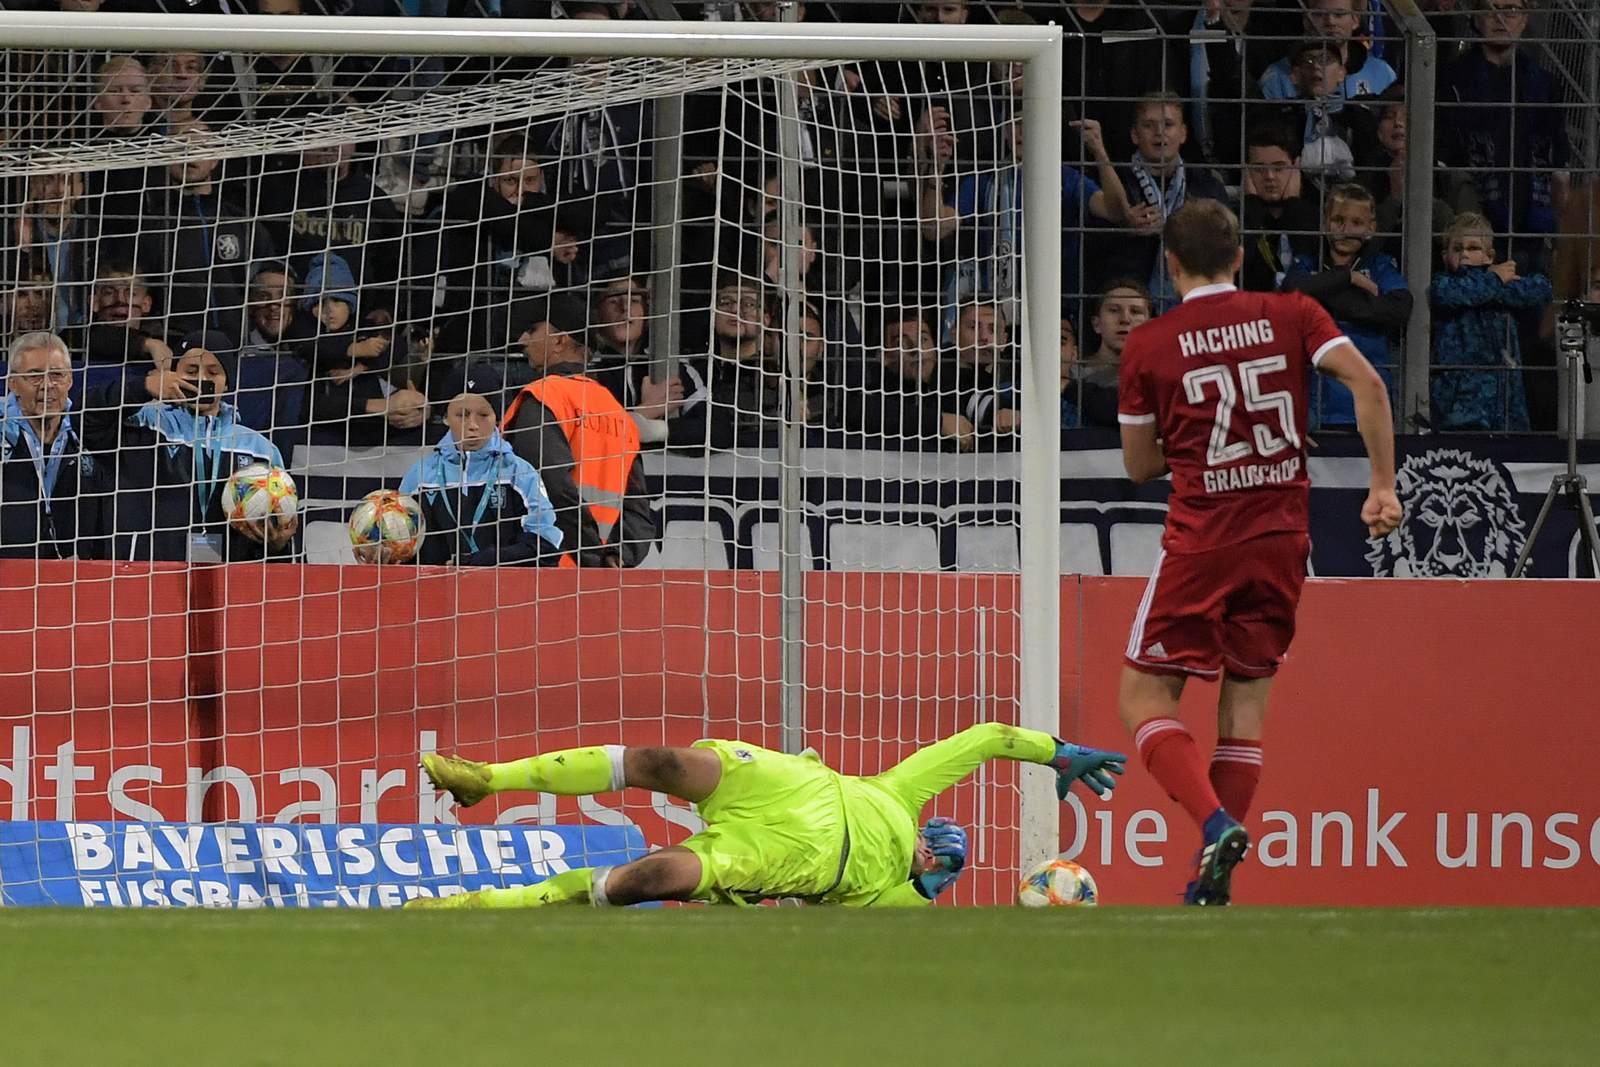 Paul Grauschopf beim Elfmeter gegen Marco Hiller